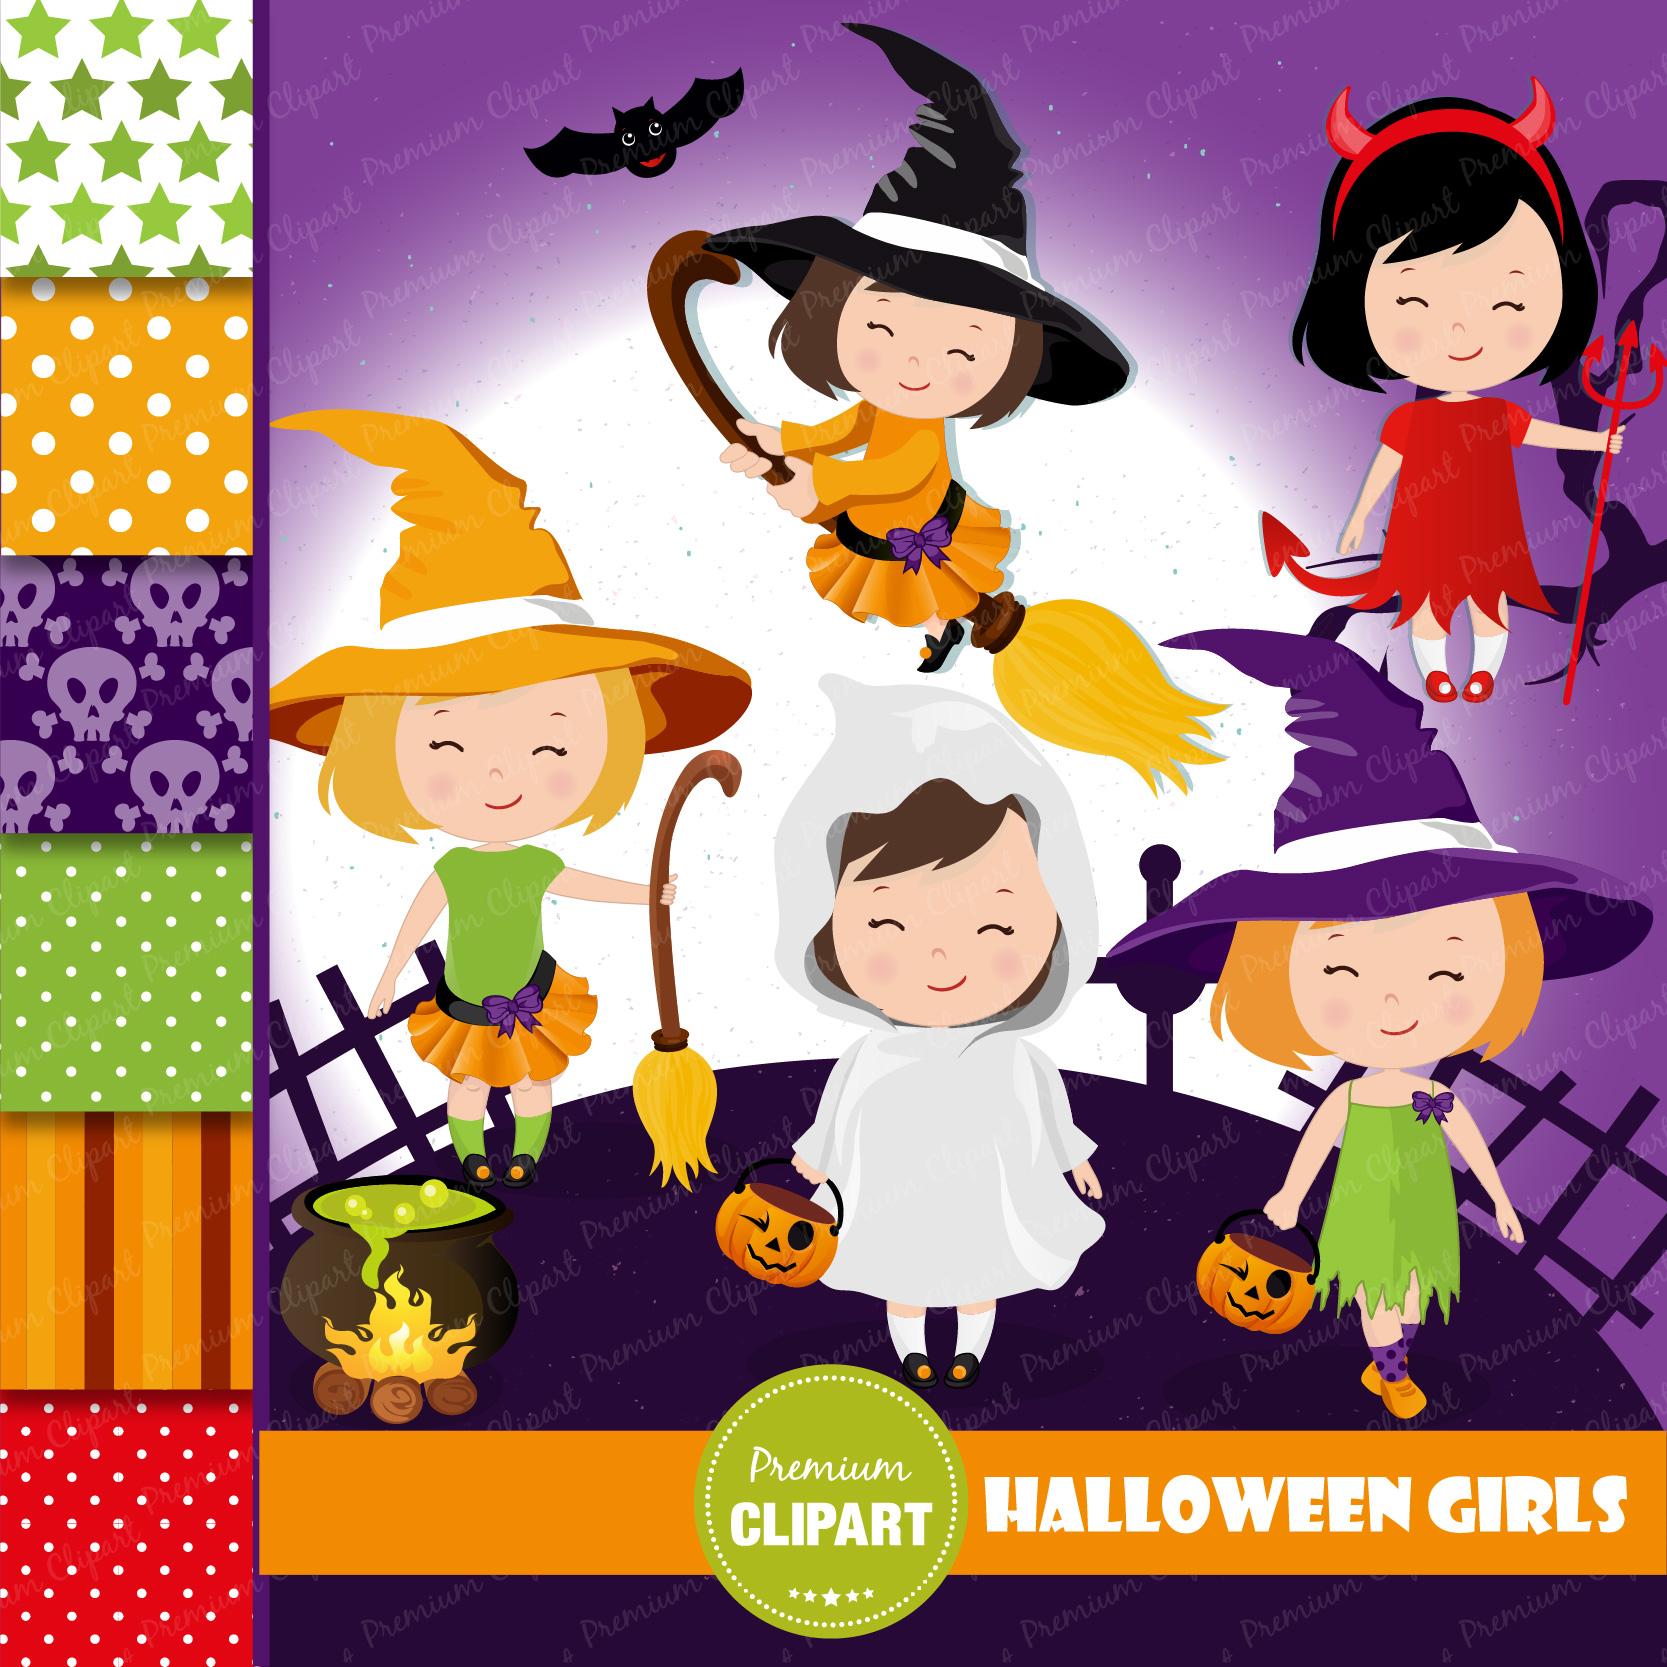 Halloween bundle, Halloween illustrations example image 19